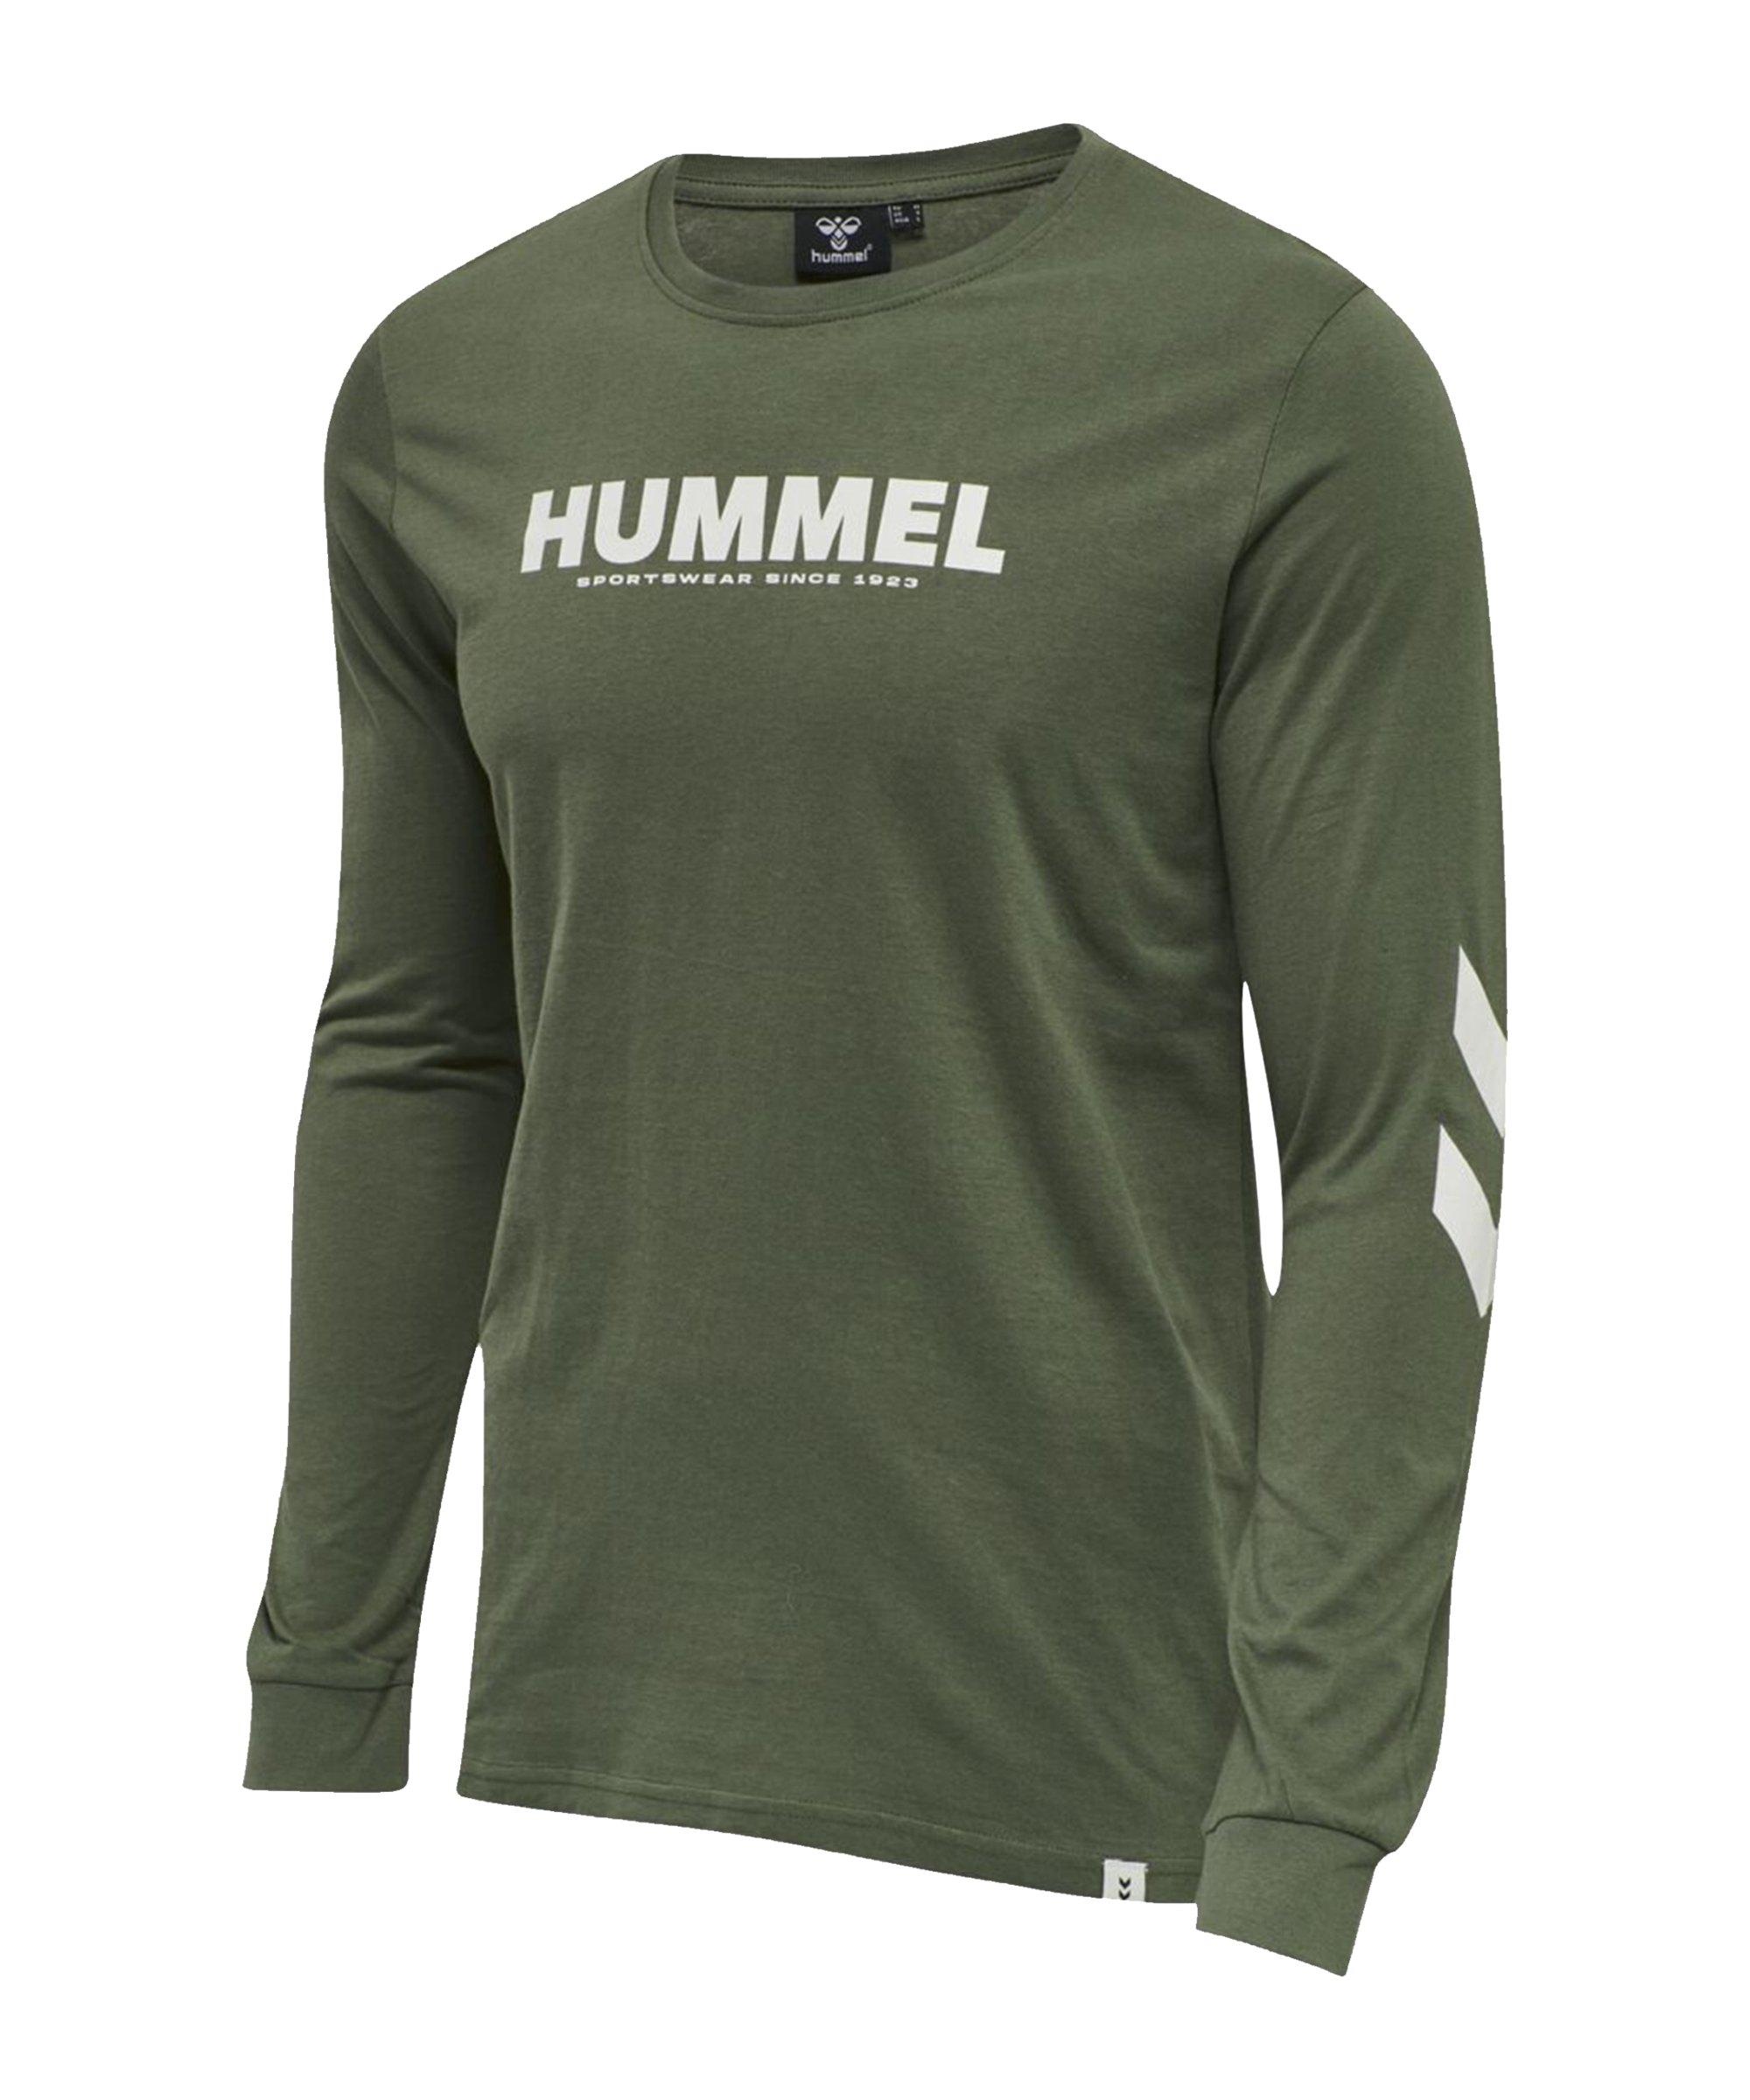 Hummel Legacy Sweatshirt Grün F6012 - khaki